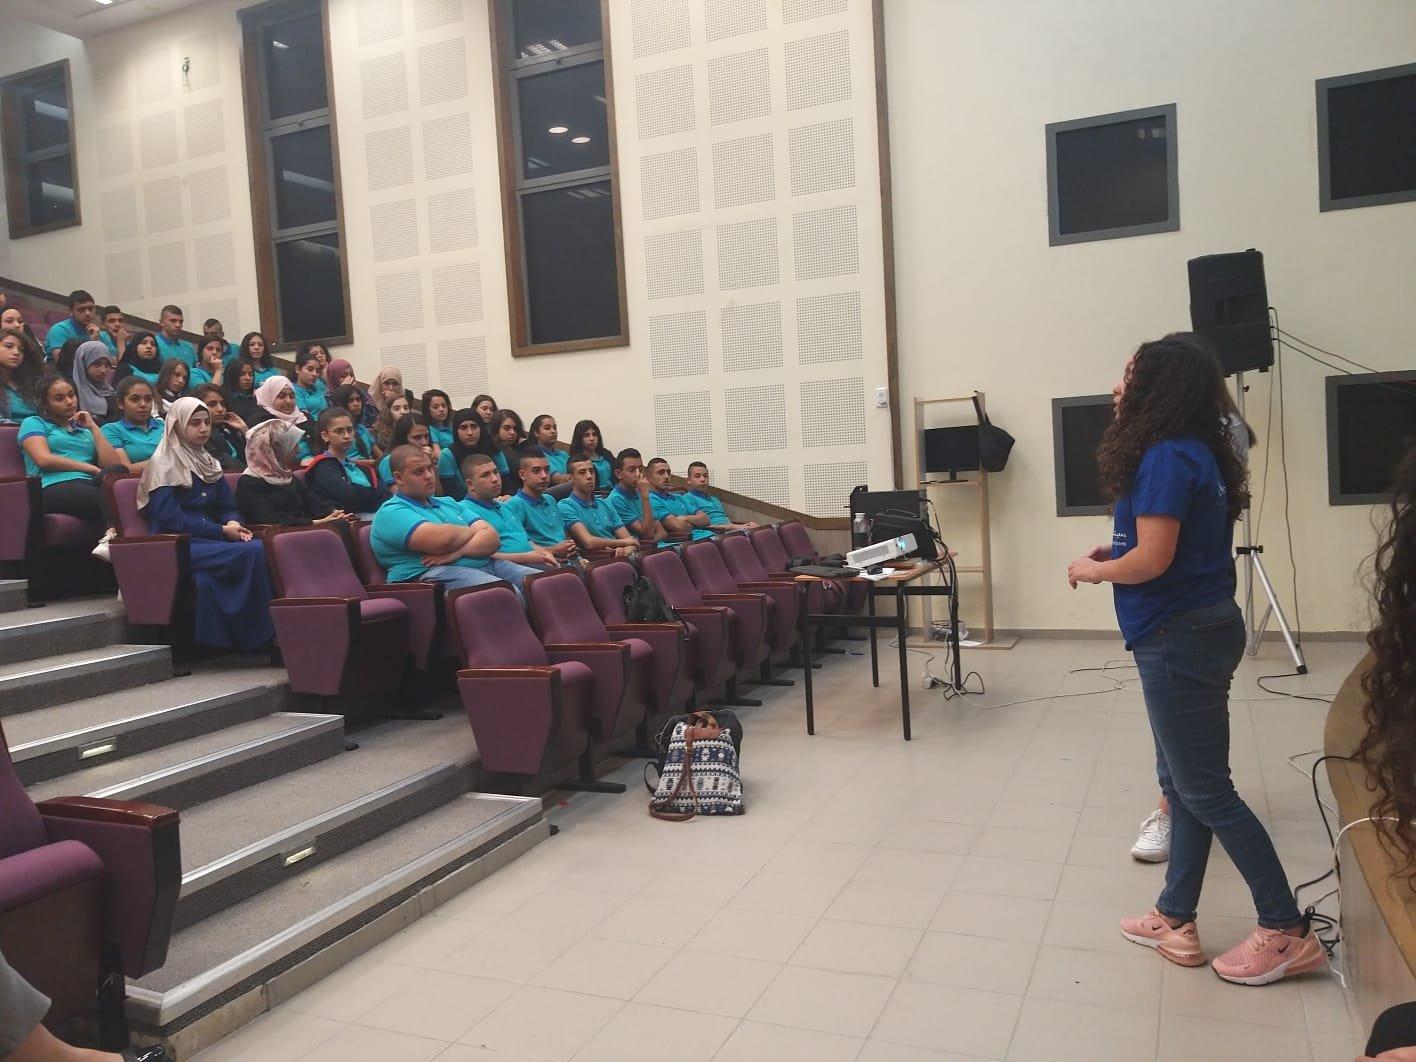 مدرسة الحكمة الثانوية تلتقي مع جمعية الشجعان